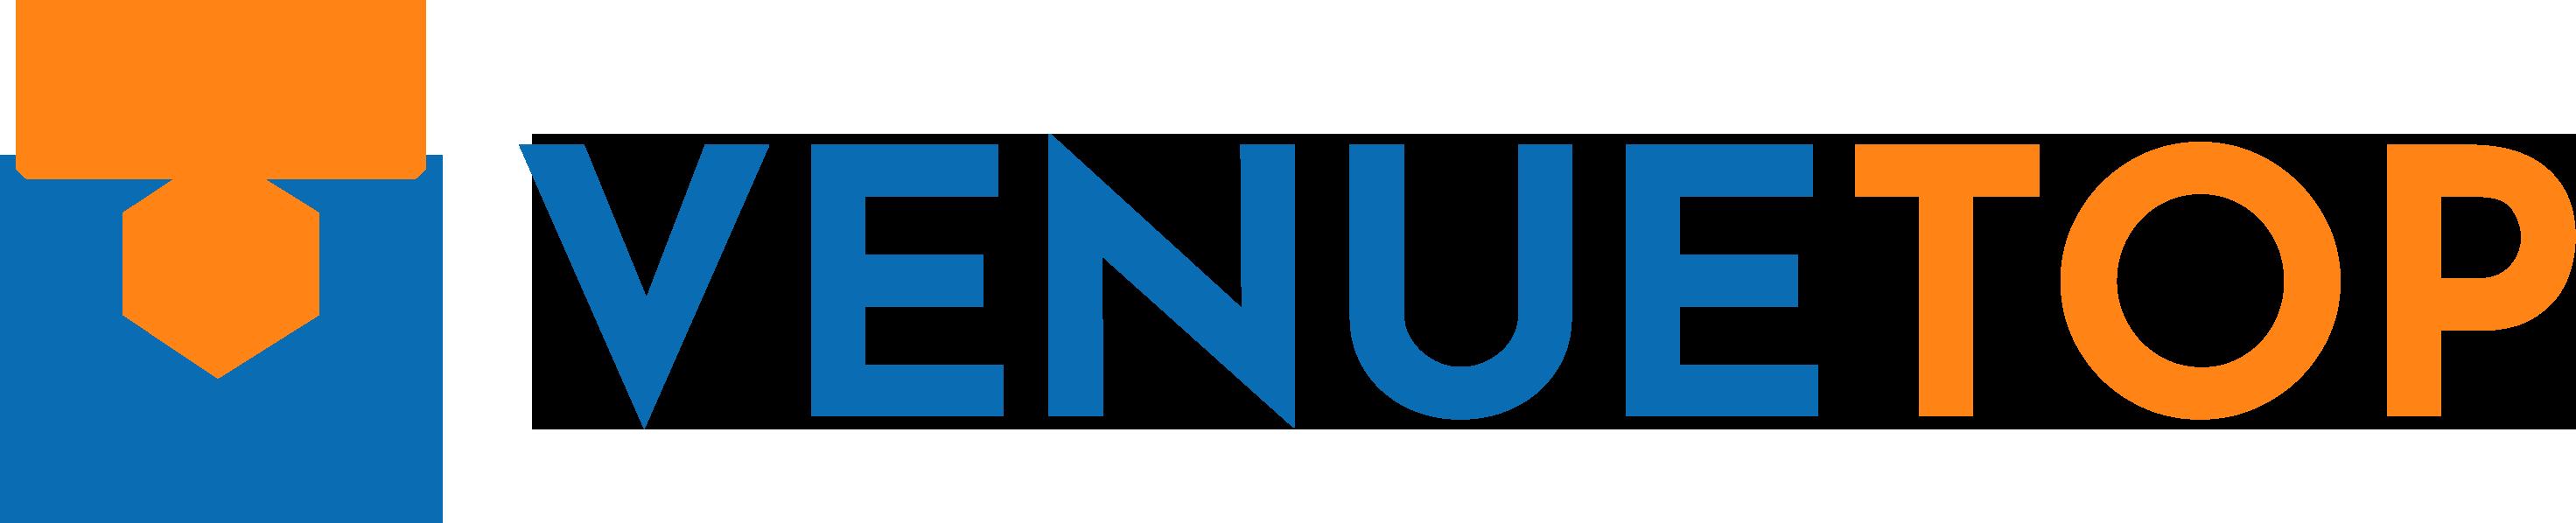 Venuetop Logo